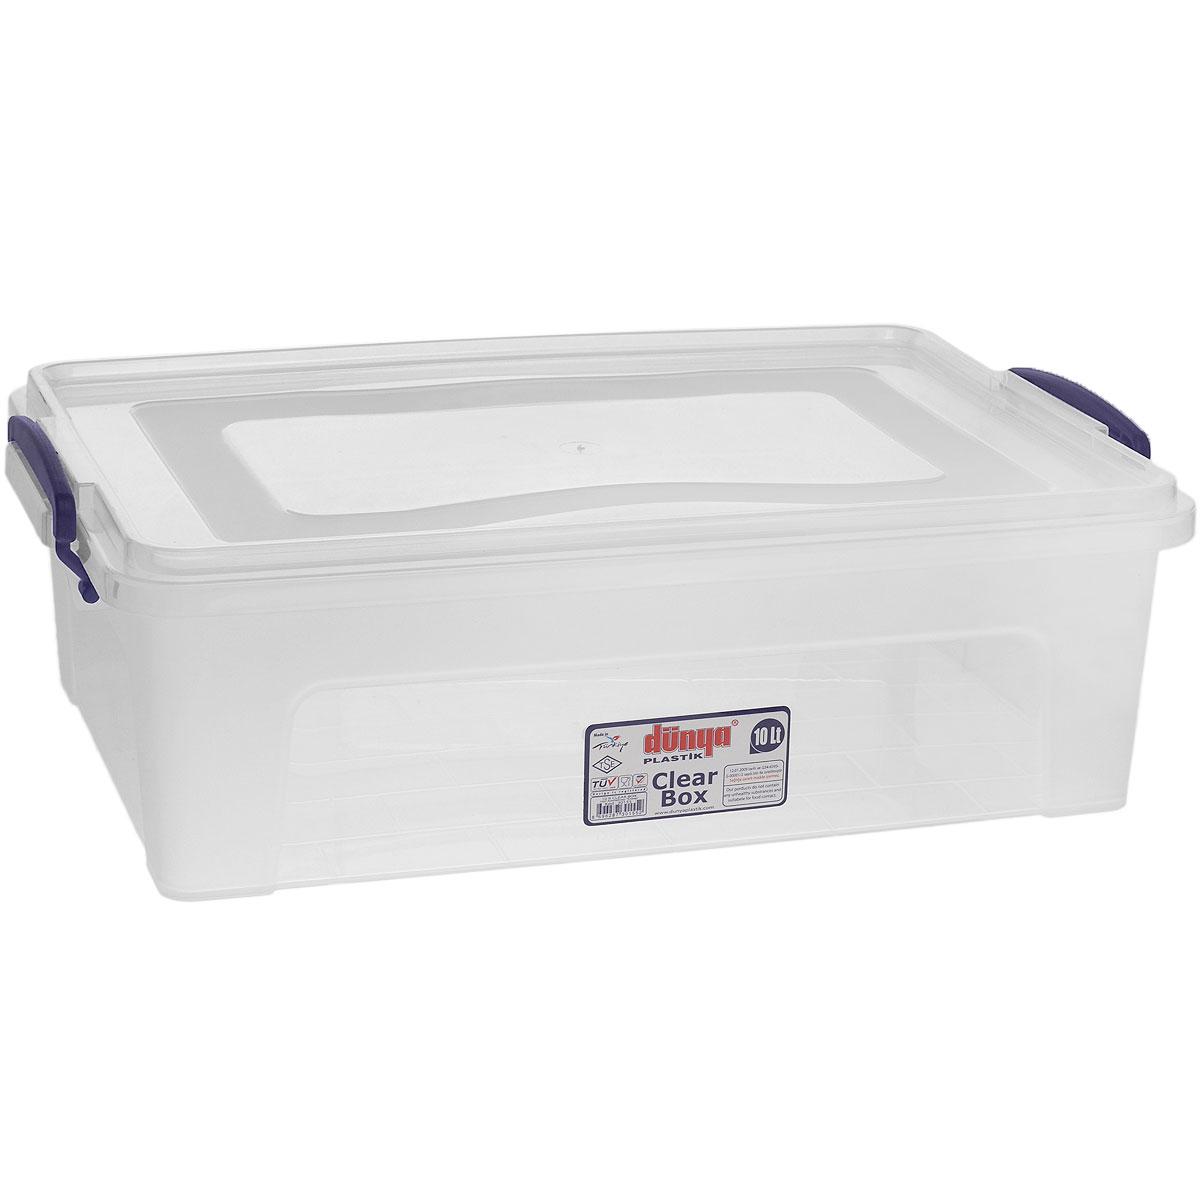 Контейнер Dunya Plastik Clear Box, цвет: прозрачный, 10 л30155Контейнер Dunya Plastik Clear Box выполнен из прочного пластика. Он предназначен для хранения различных мелких вещей. Крышка легко открывается и плотно закрывается. Прозрачные стенки позволяют видеть содержимое. По бокам предусмотрены две удобные ручки темно-синего цвета, с помощью которых контейнер закрывается. Контейнер поможет хранить все в одном месте, а также защитить вещи от пыли, грязи и влаги.